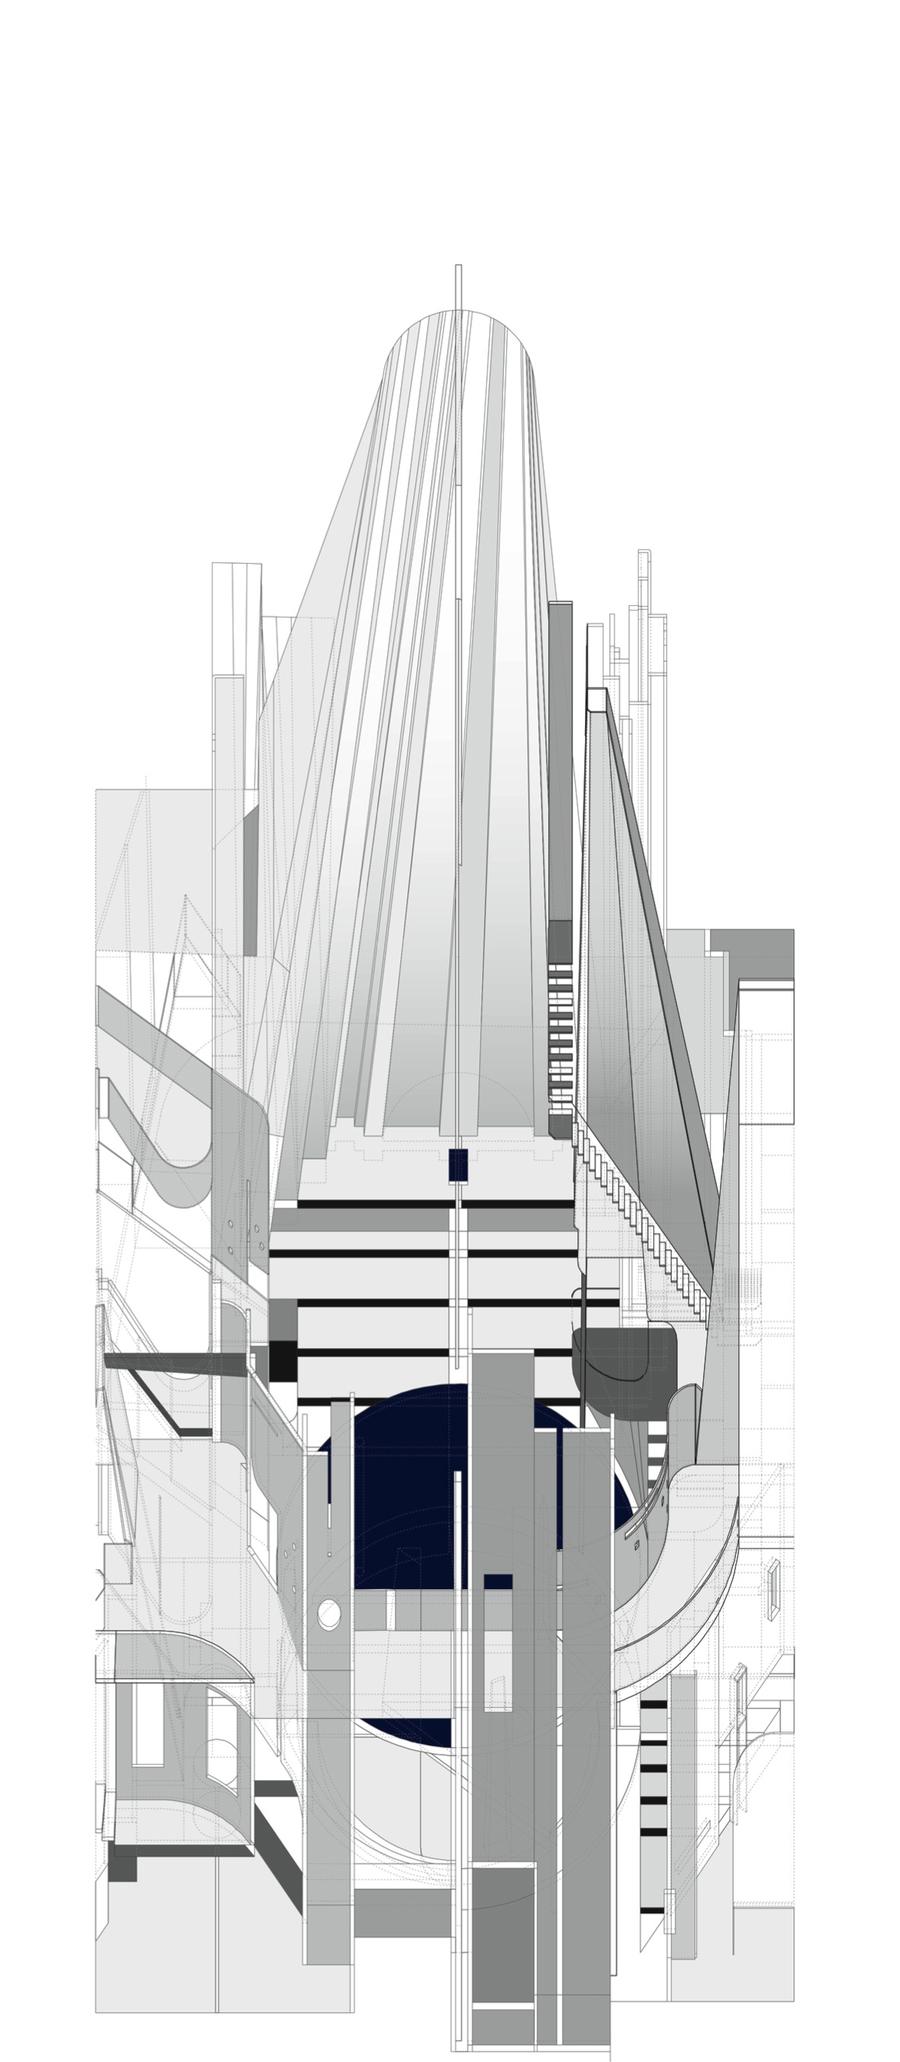 Y5_SarishYounis_Design PortfolioA 43 copy